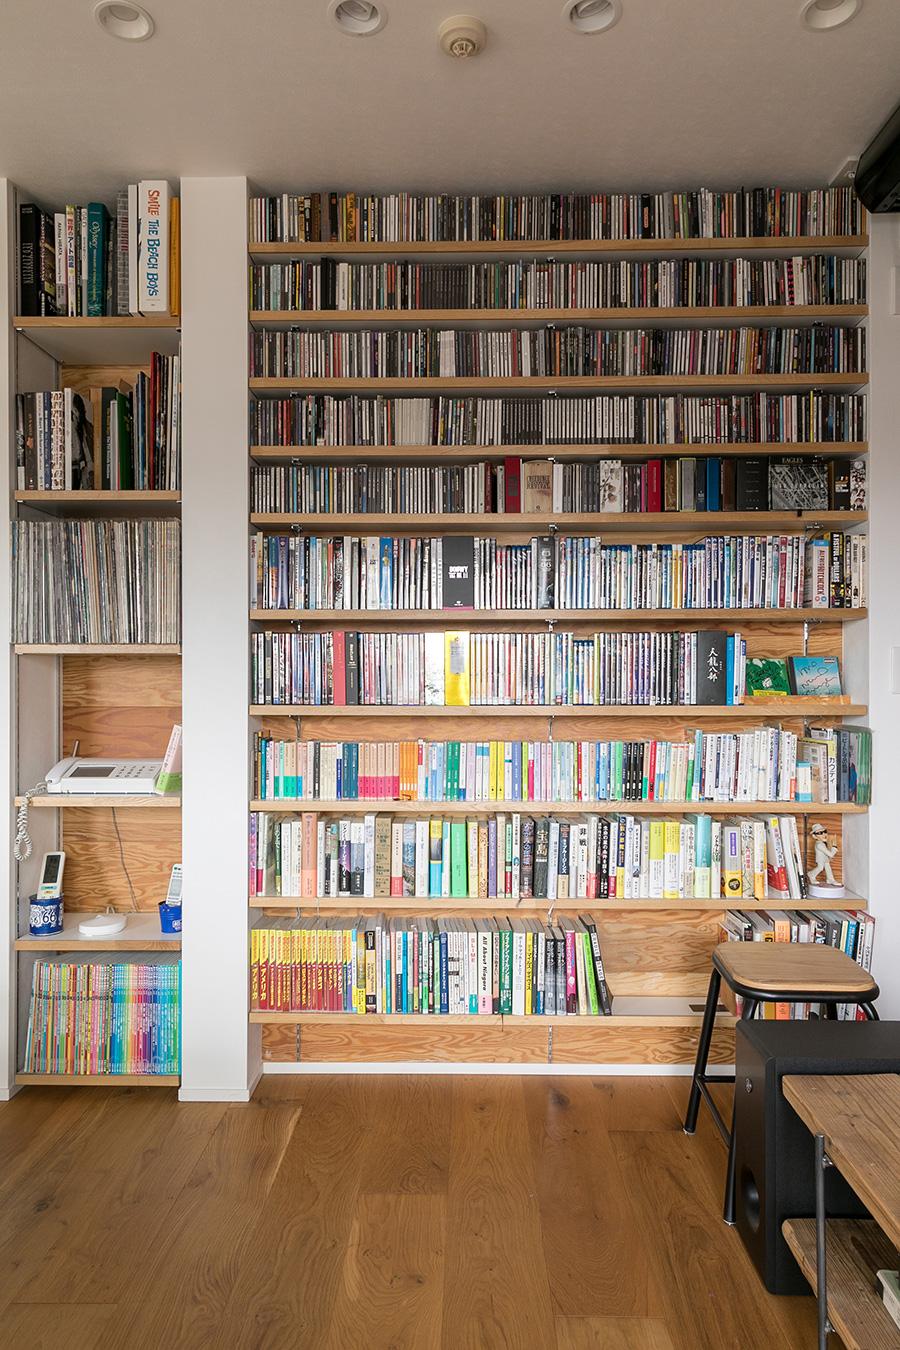 壁一面に造作された大容量の本棚には、本やCDがぎっしり。「いつでも取り出せて聴けるようにしたい」というTさんの希望を叶えた。